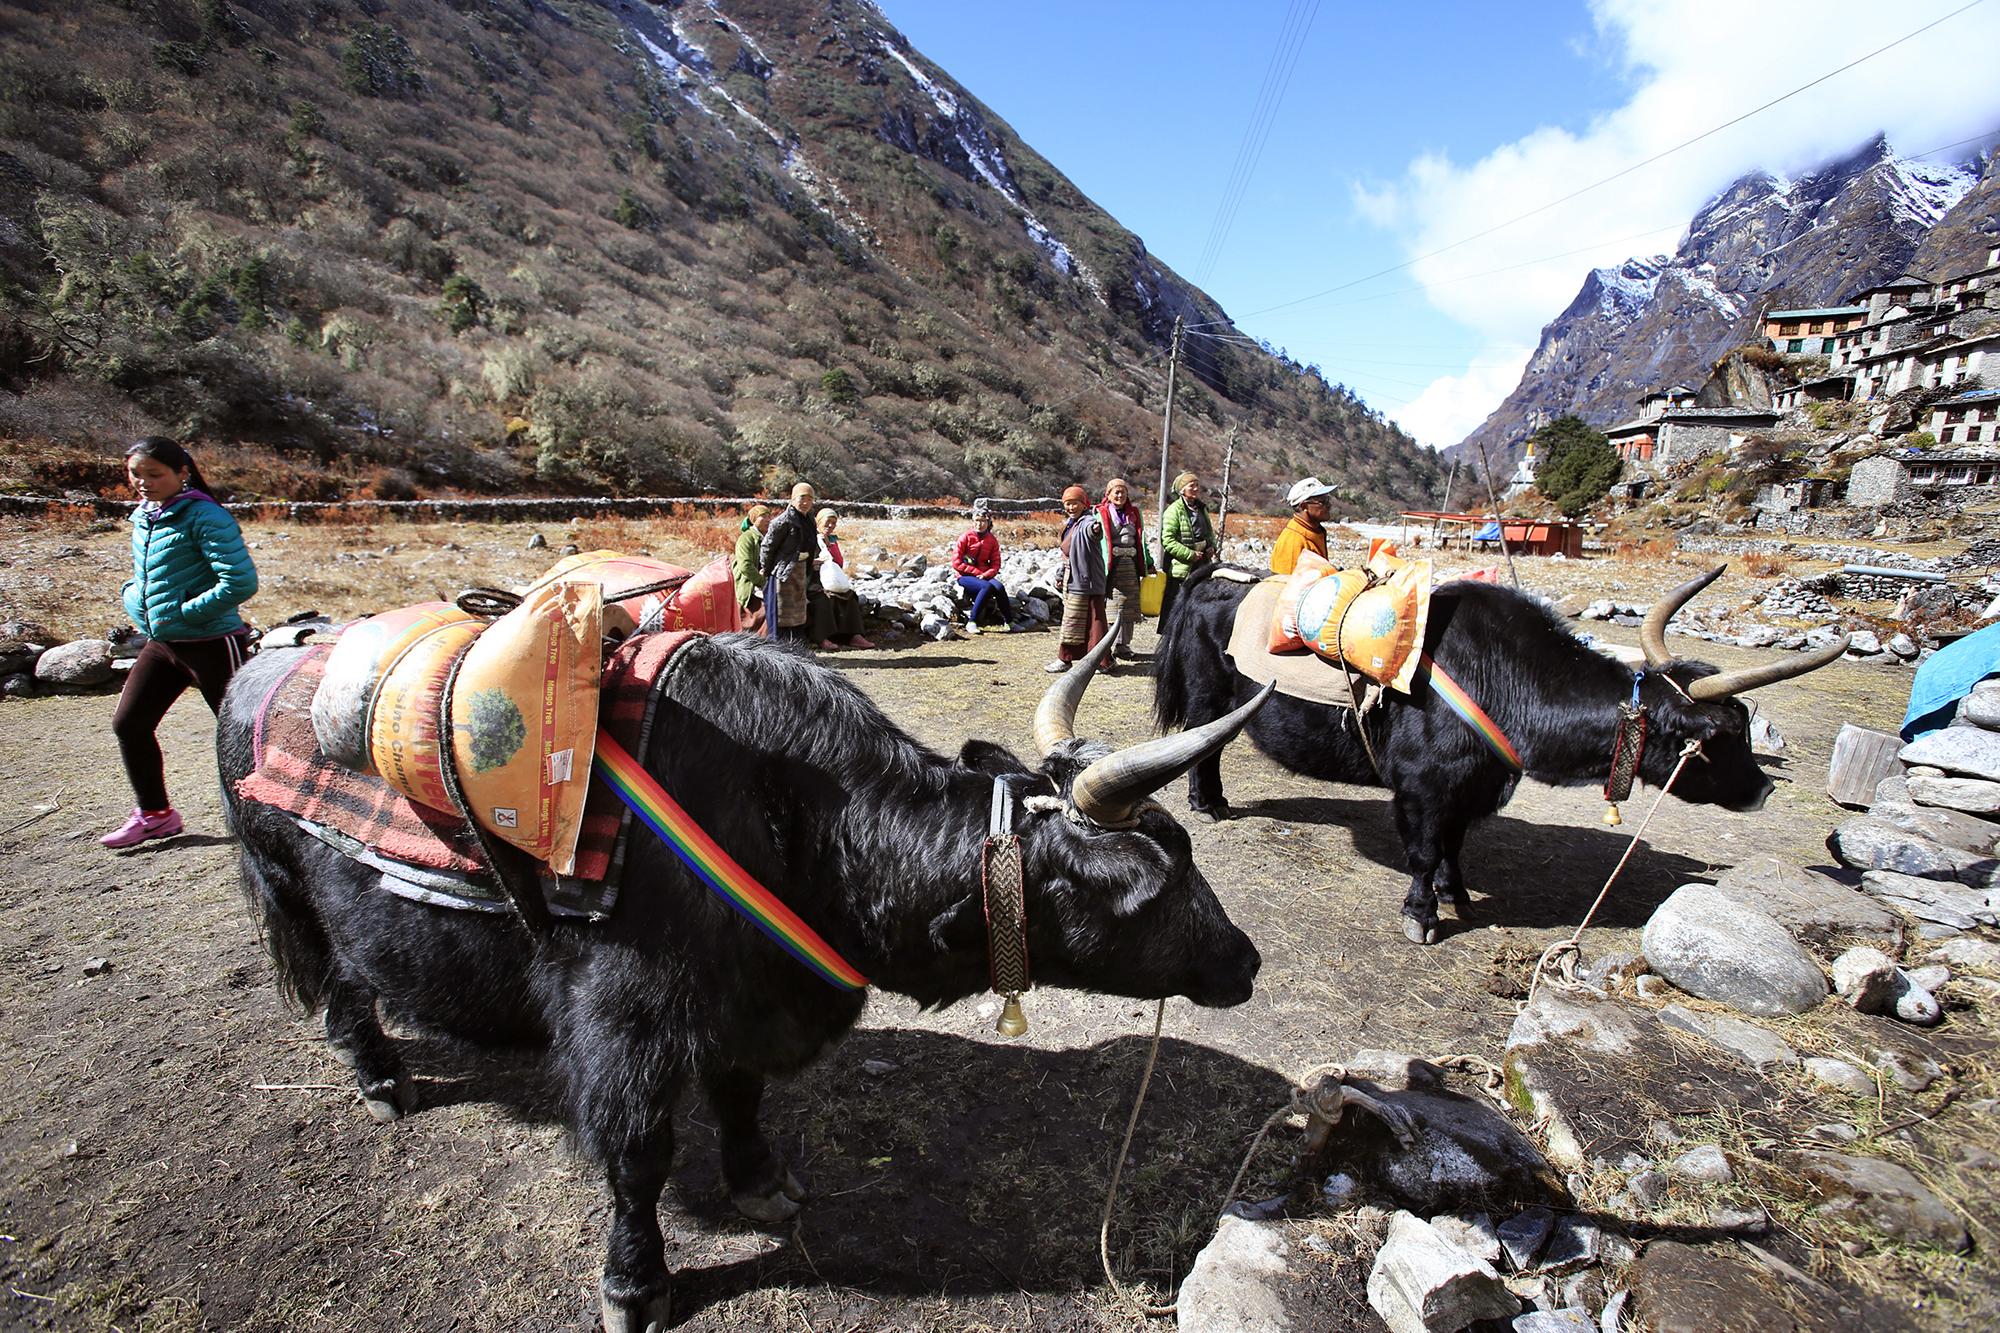 Reportage | Losan Piatti - Fotografo Italia_Nepal 2015_Mount Everest School_Mensa